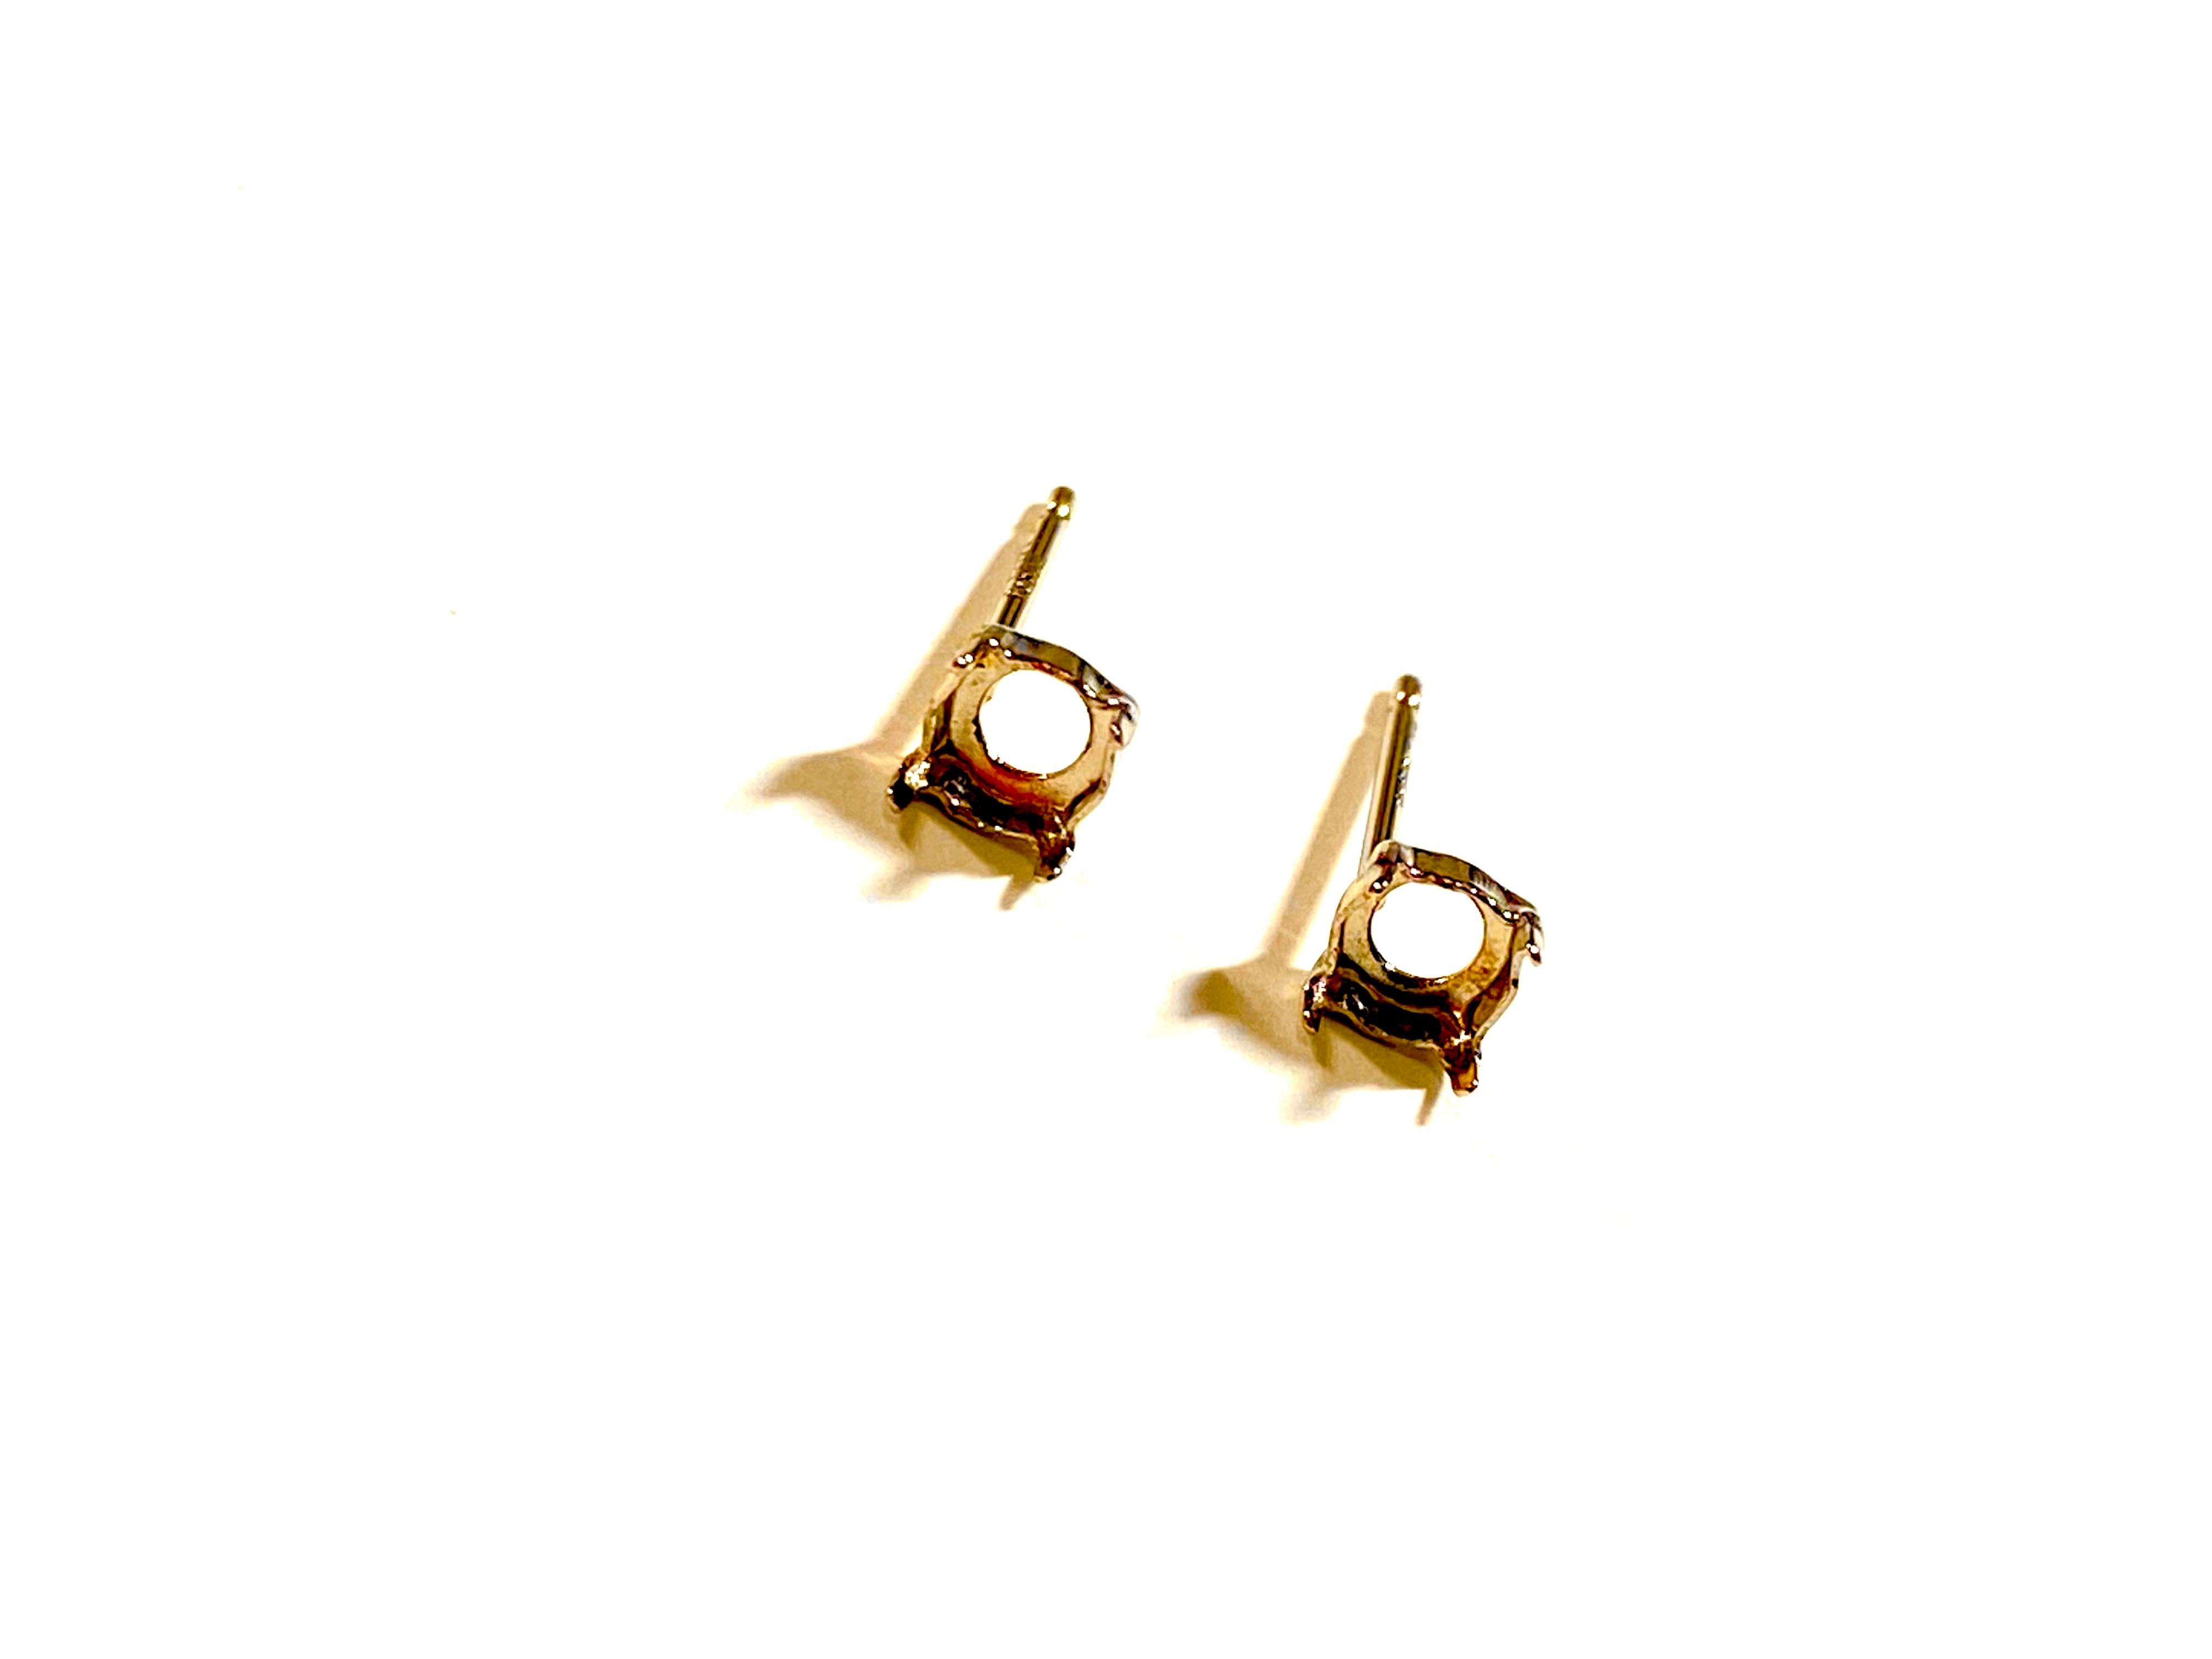 【K10YG】『タテヨコ3mm 』ラウンドカット対応ピアス空枠 [空枠No,40]